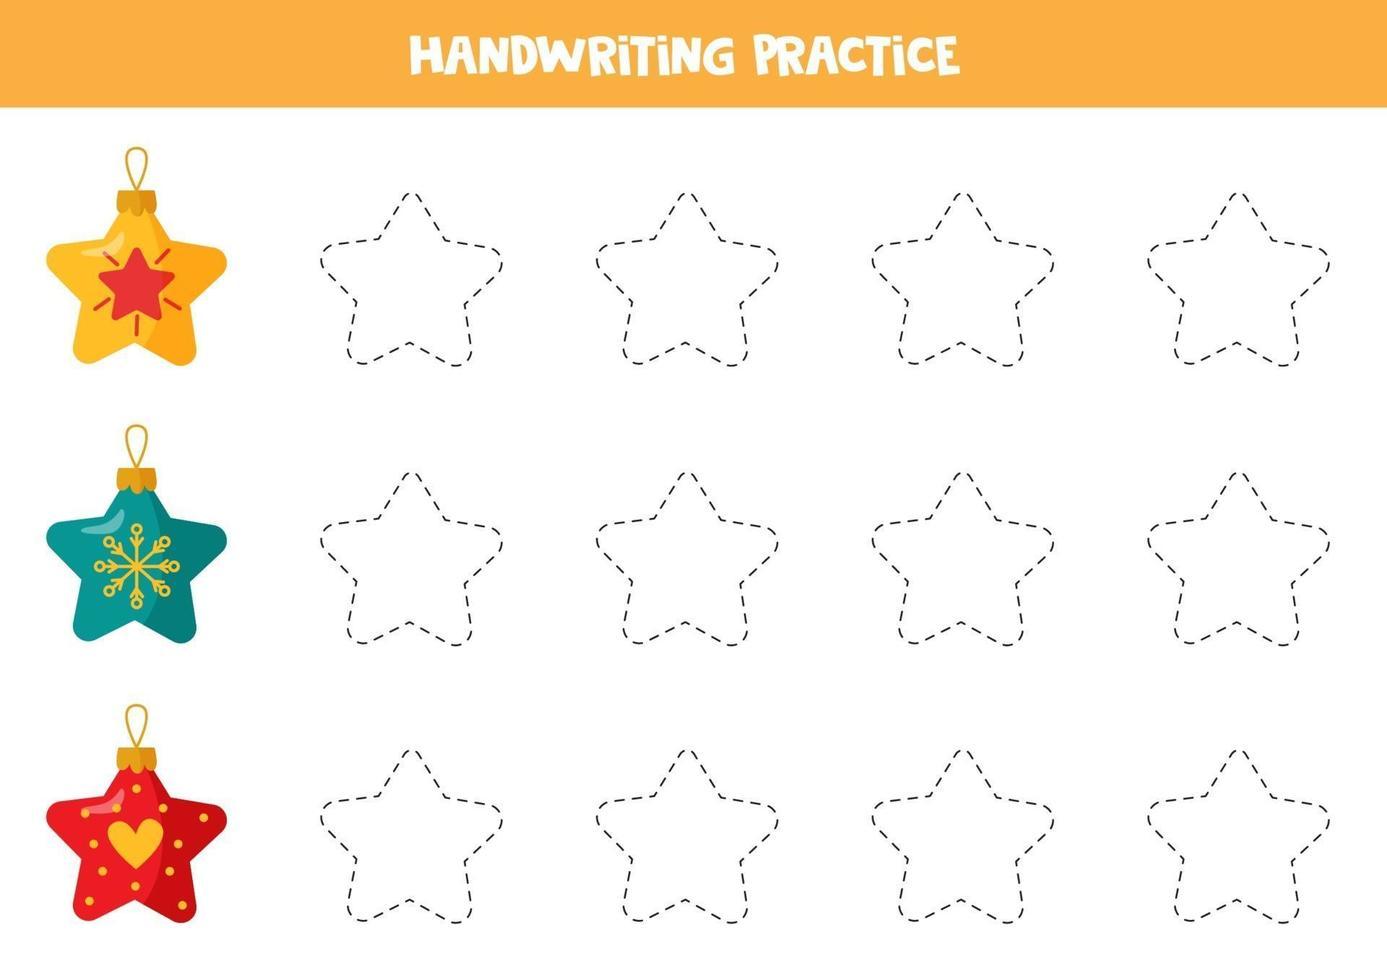 traçando linhas com estrelas de natal. prática de habilidades de escrita. vetor